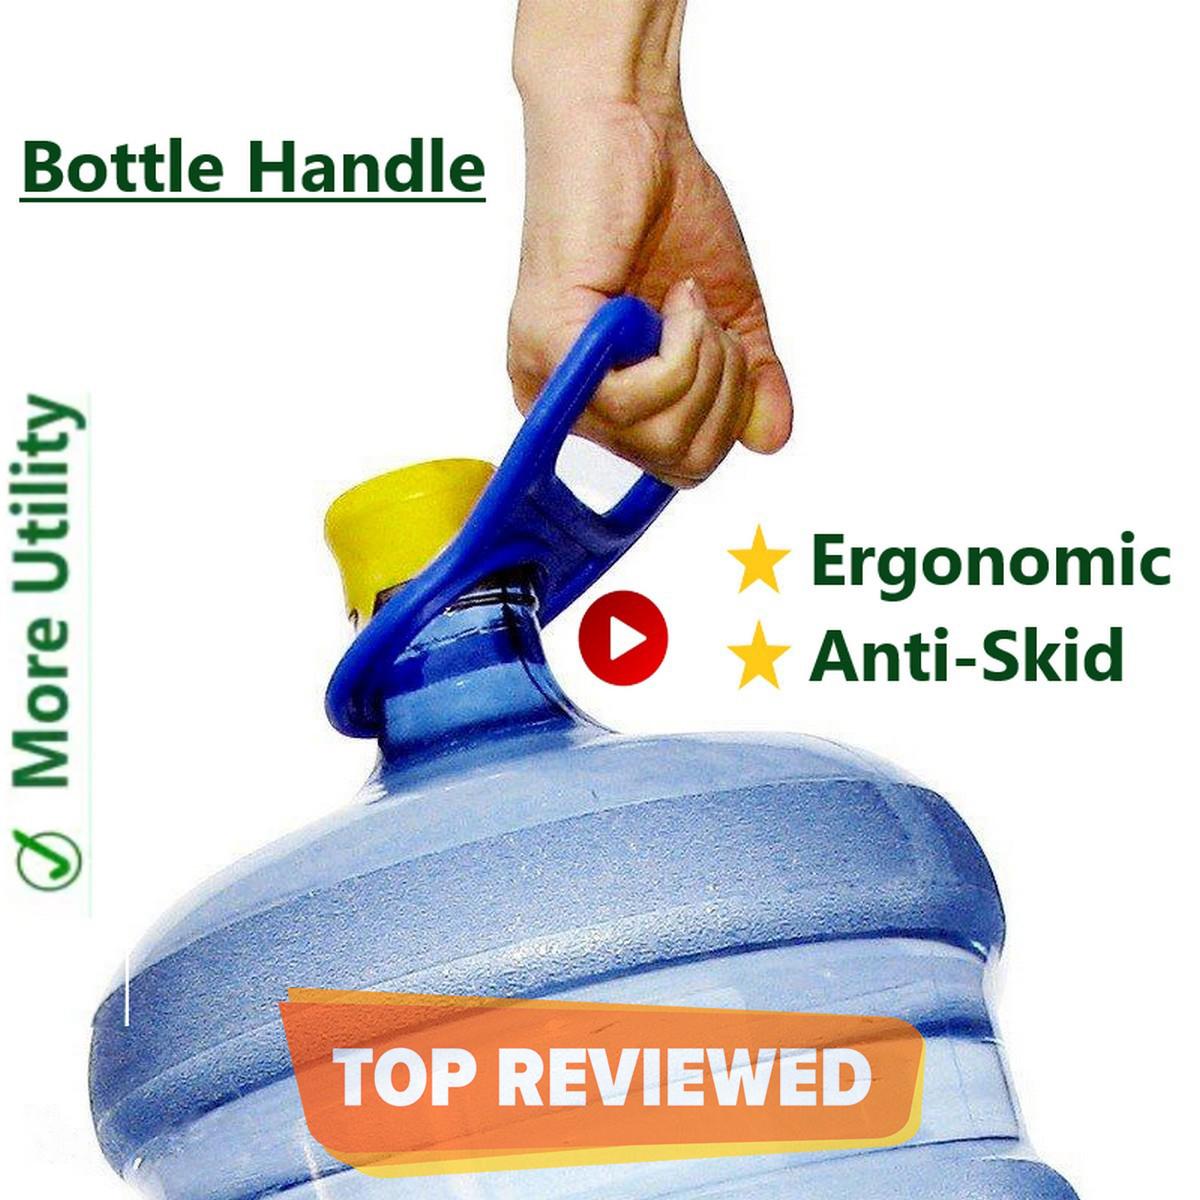 19 Liter Water Bottle Handle Bottel Picker for 19 L Litres Ltr water bottles - Easy Lifting Flat ~20 Litter bottle Holder handle - Shop with Zada Sellers - Multicolor